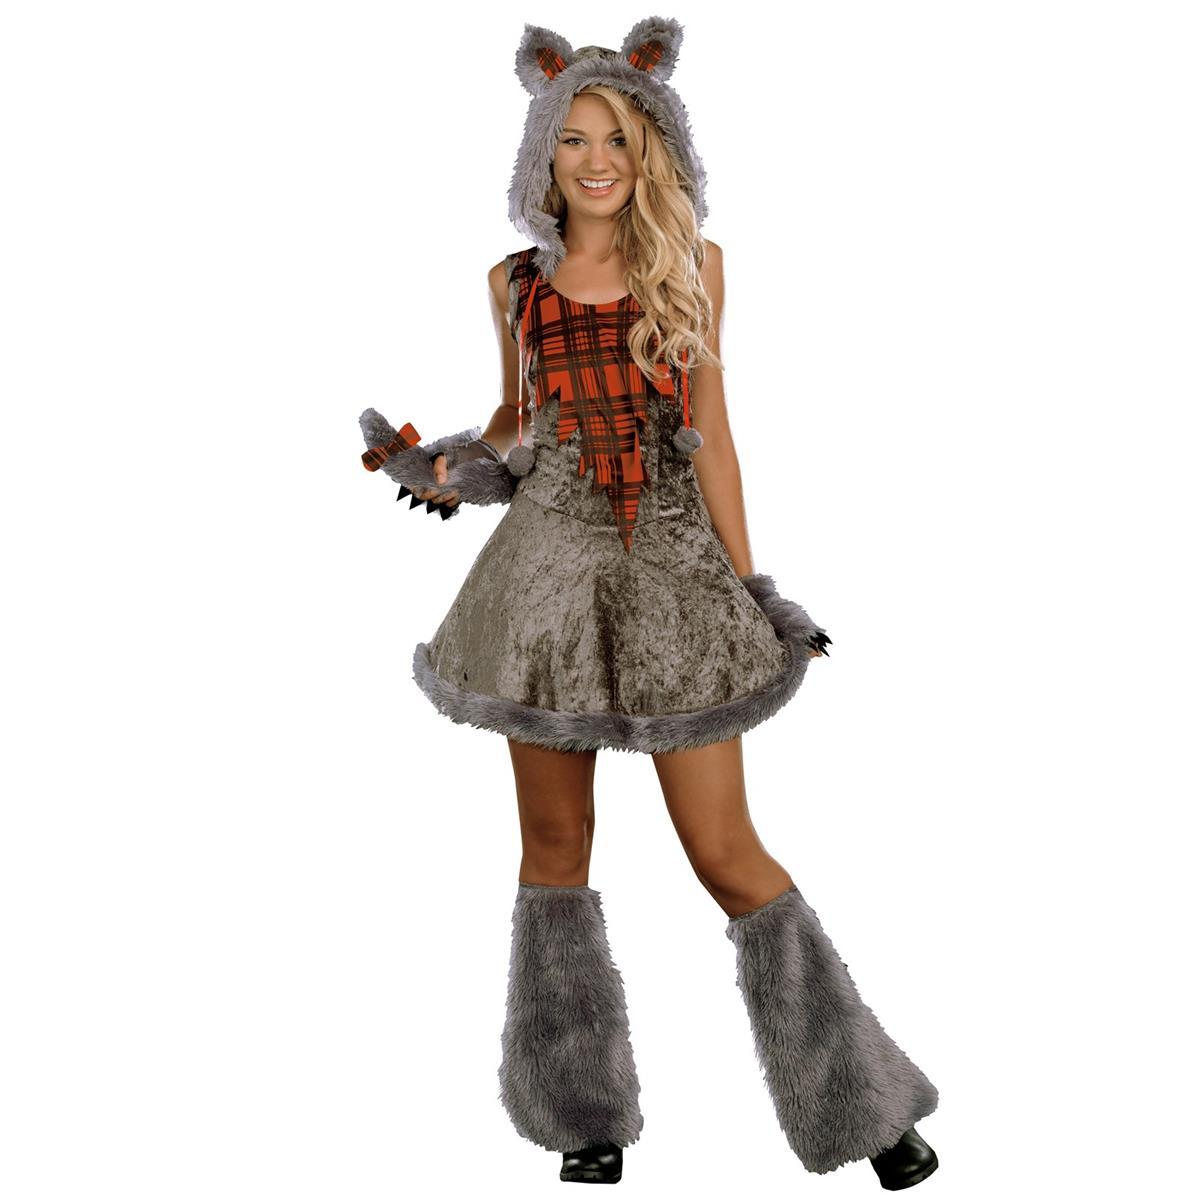 ハロウィン 衣装 コスチューム オオカミ 狼女 ウルフガール ティーンコスチュームハロウィン 衣装・コスチューム あす楽